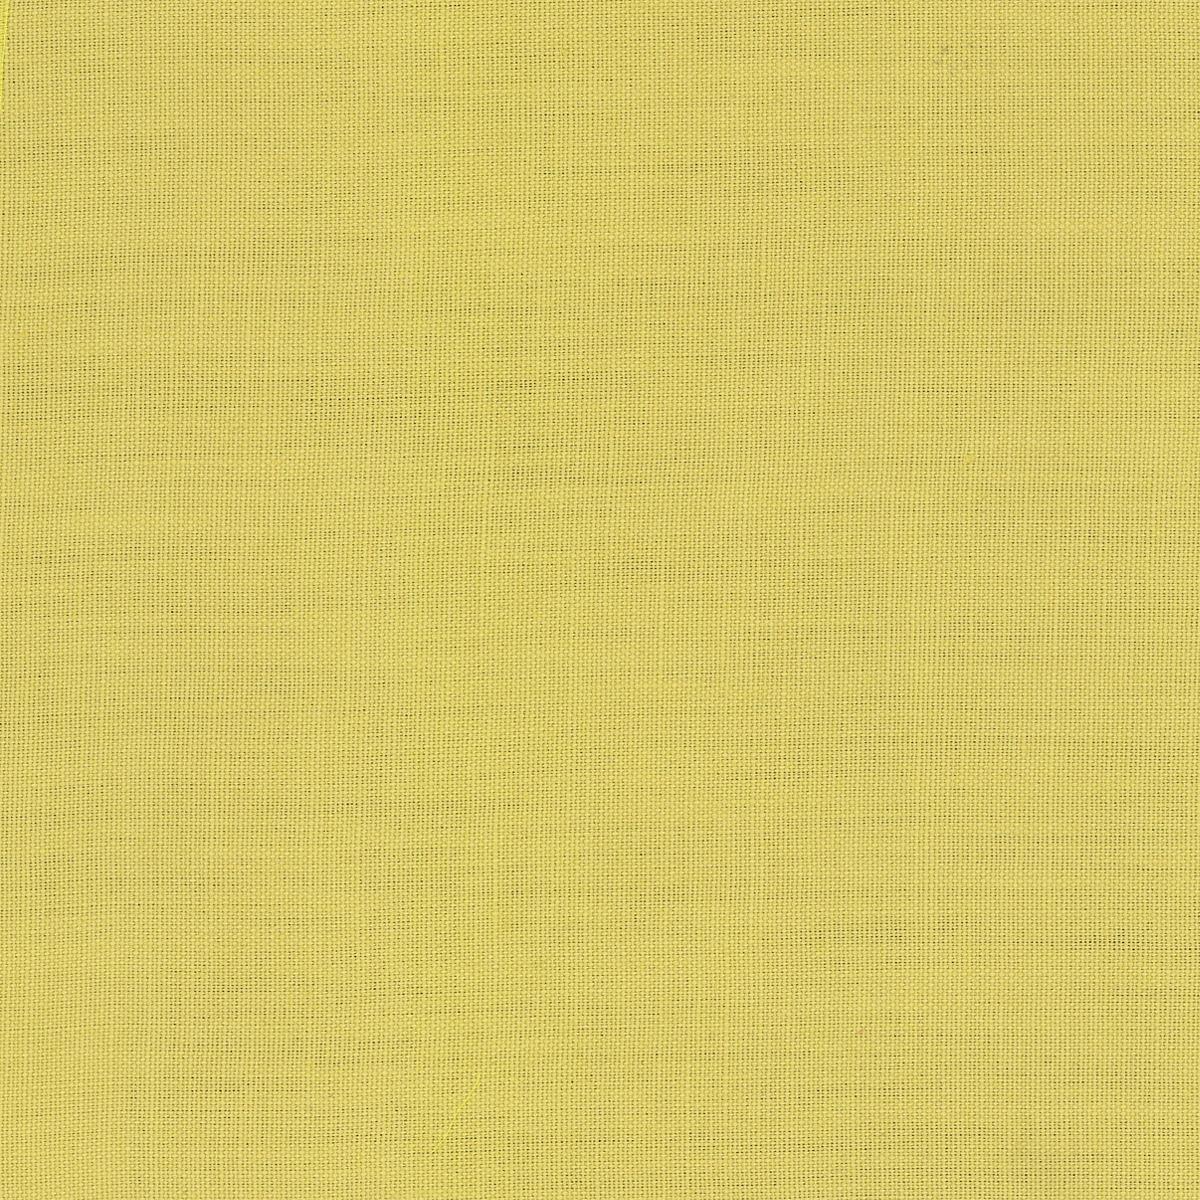 Estate Linen Citrus Fabric